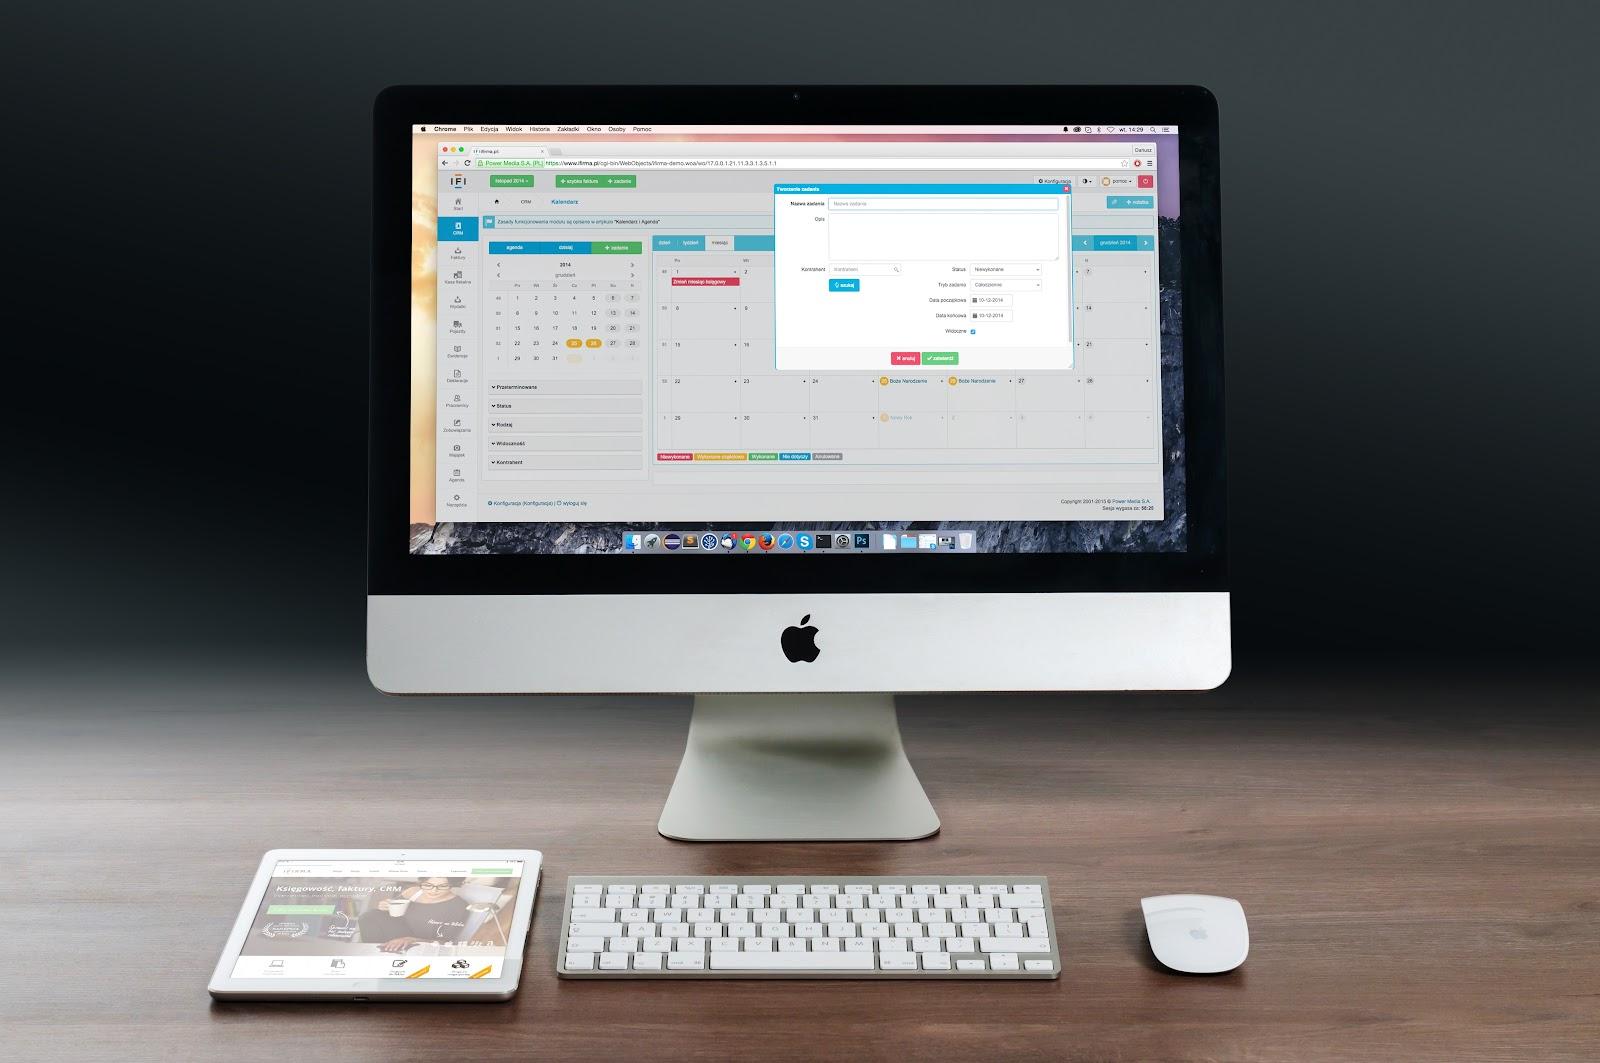 apple-imac-ipad-workplace-38568.jpeg